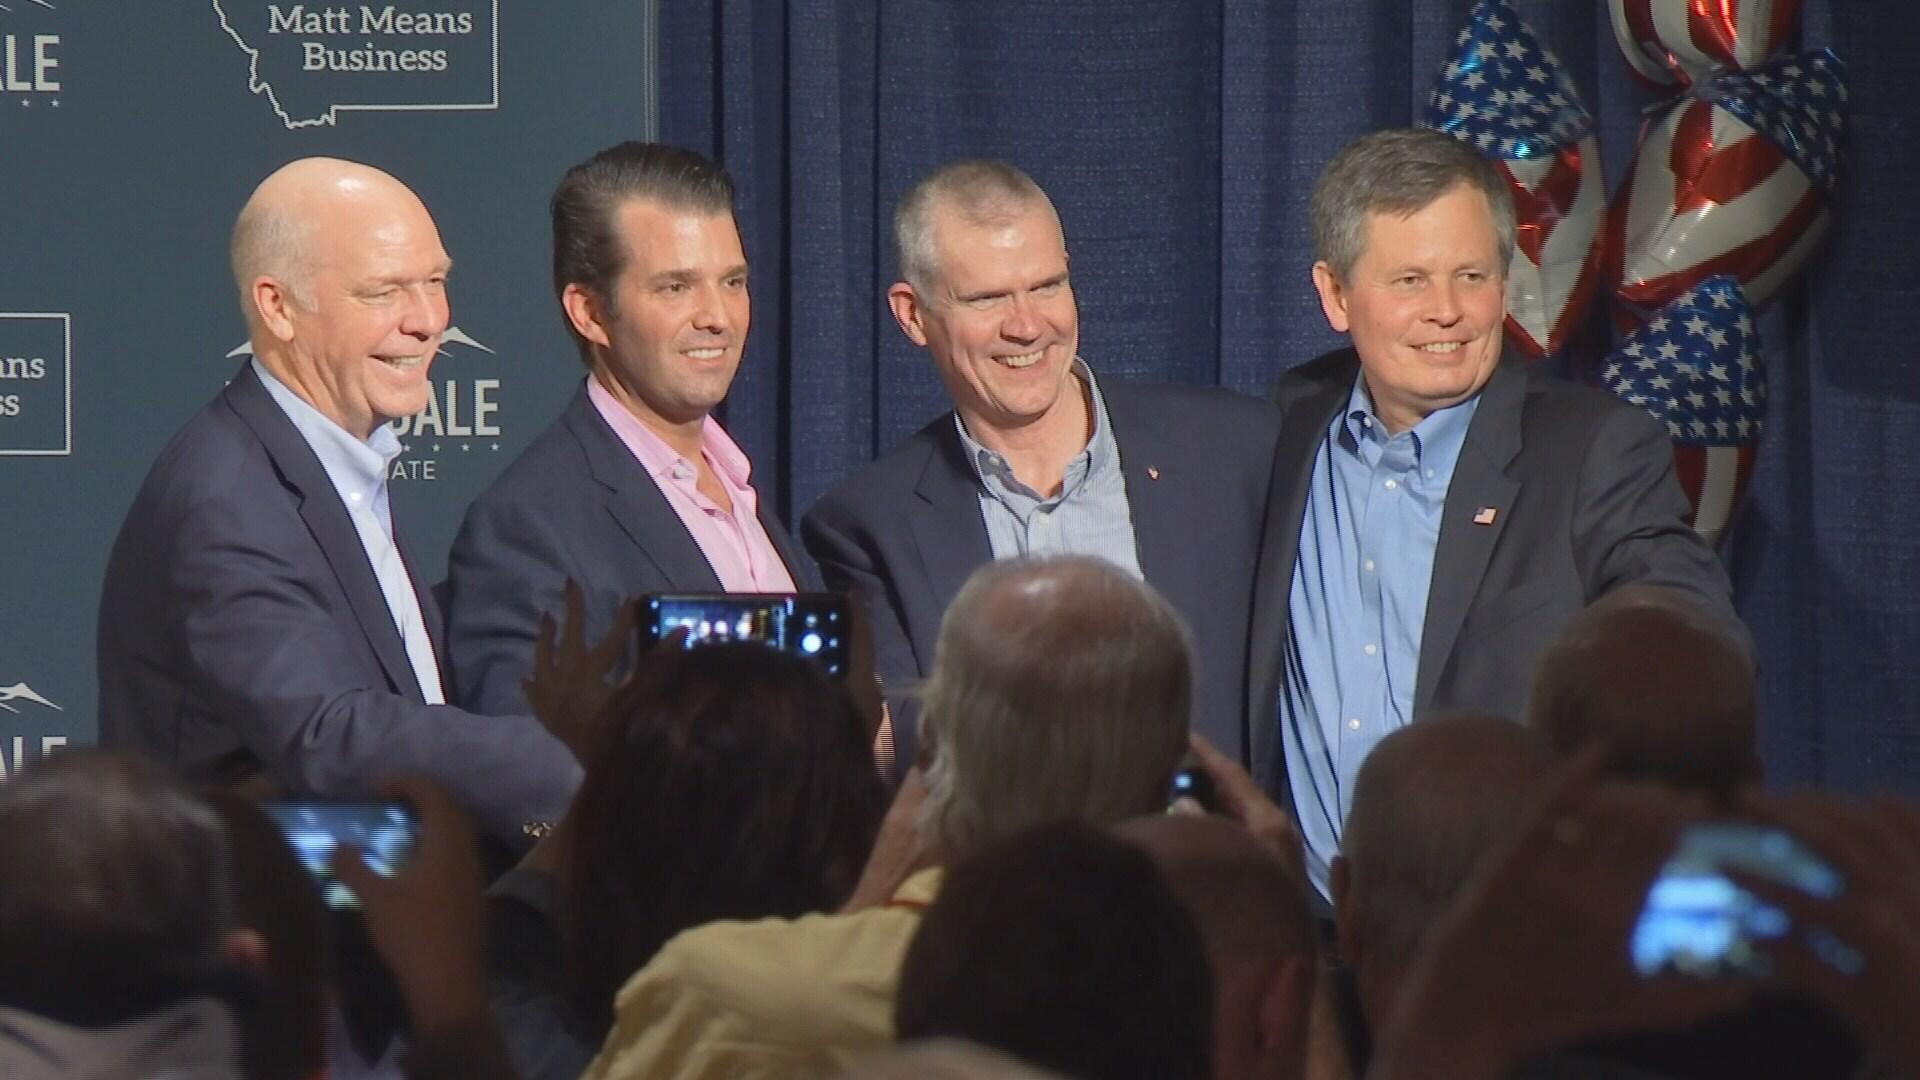 Greg Gianforte, Donald Trump Jr., Matt Rosendale and Steve Daines